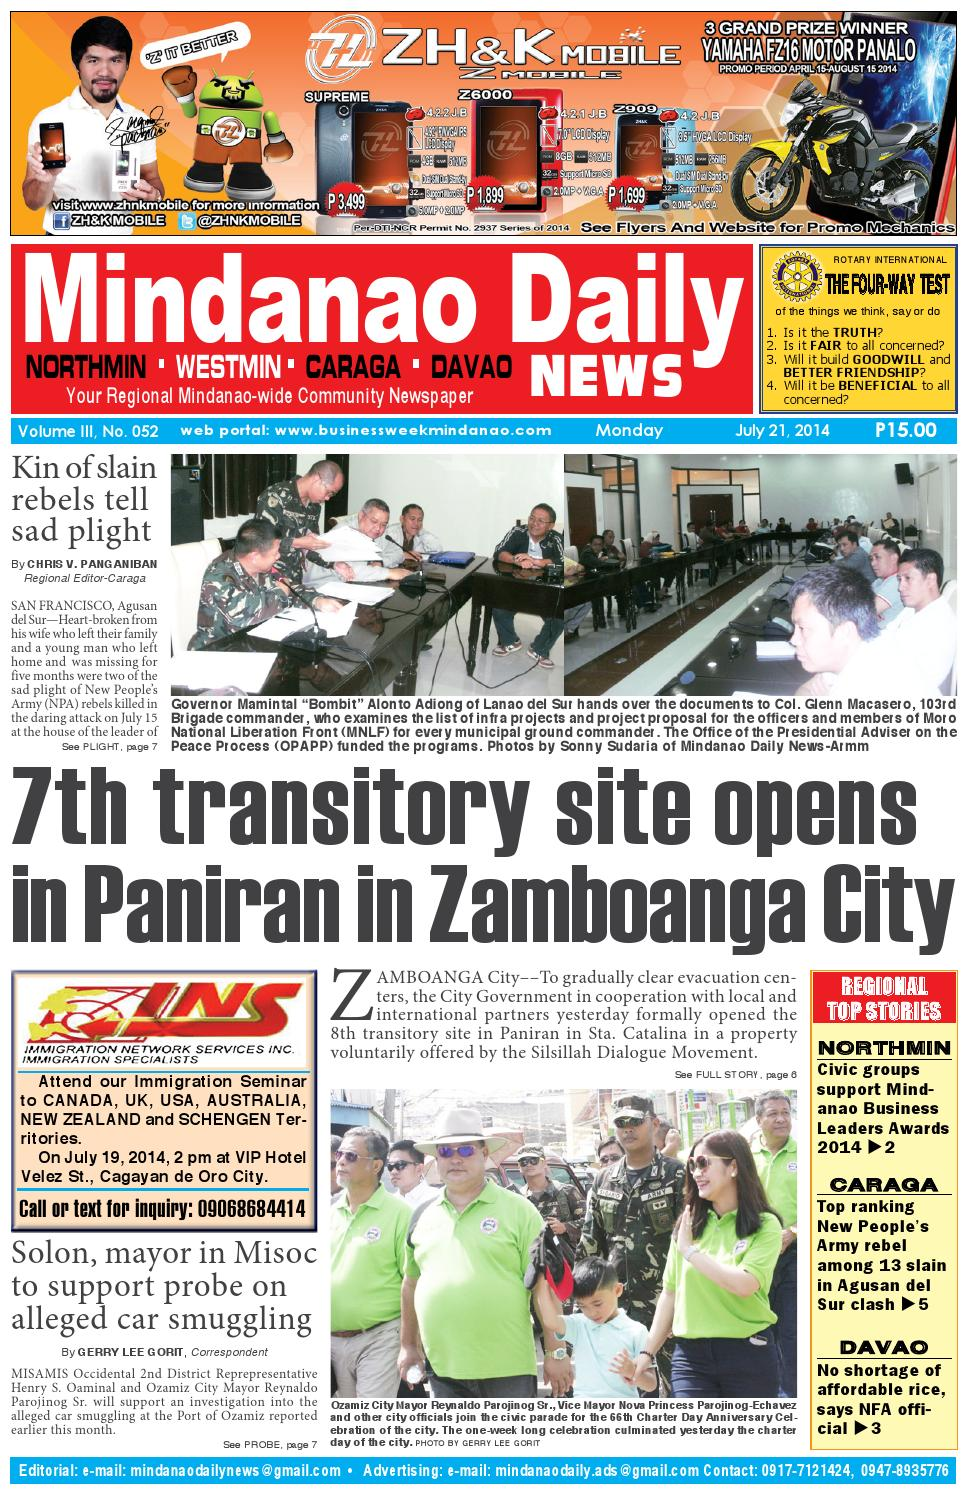 Mindanao Daily Westmin (July 21, 2014) by Mindanao Daily